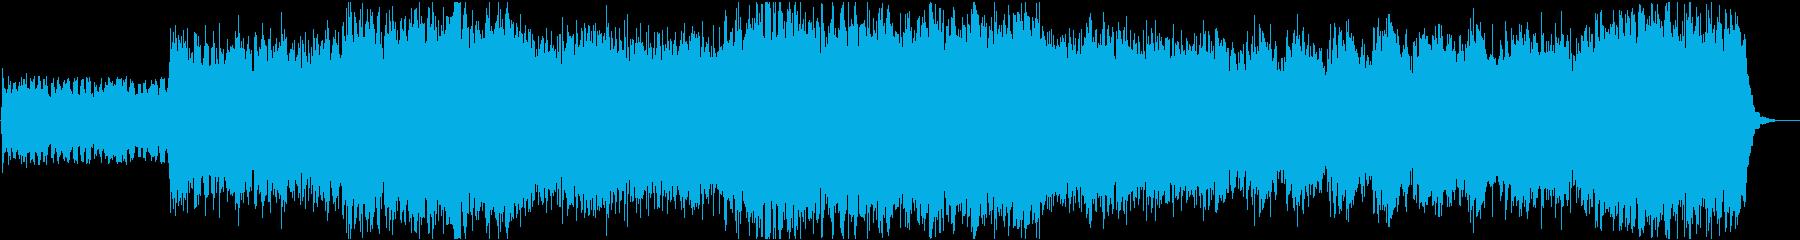 疾走感のあるエレキギターが特徴のロックの再生済みの波形